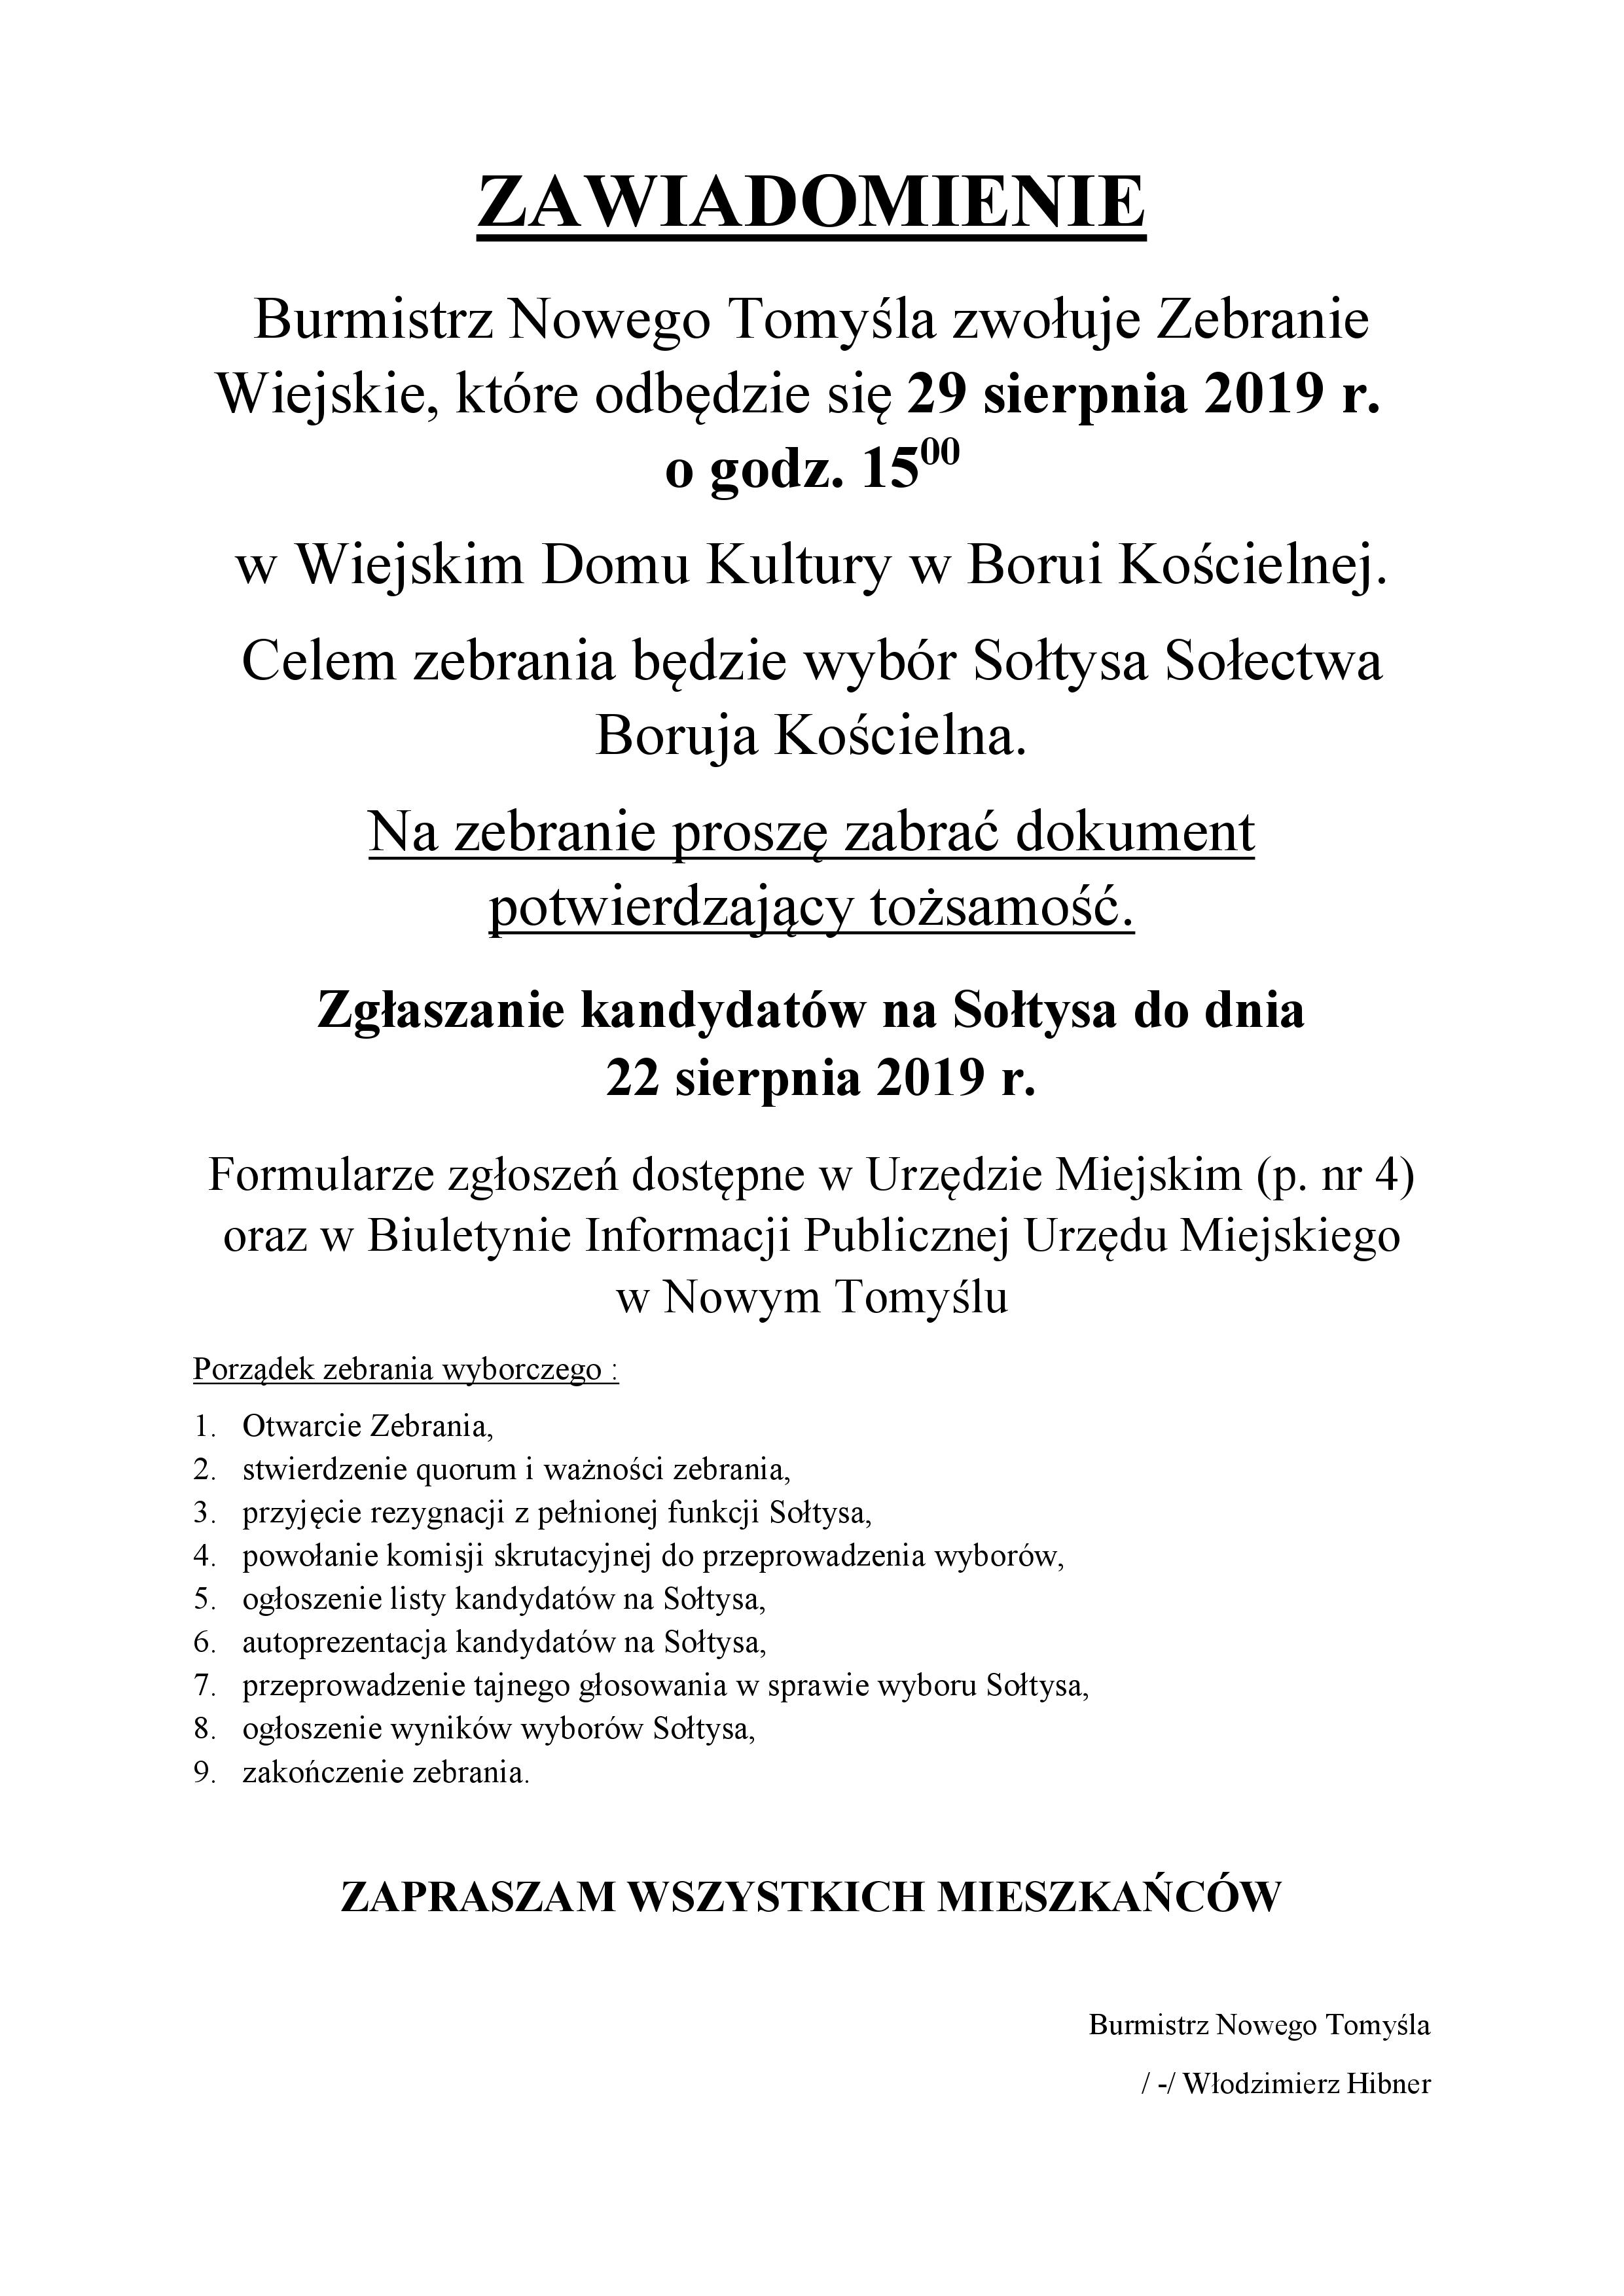 Zawiadomienie o wyborach sołtysa Borui Kościelnej